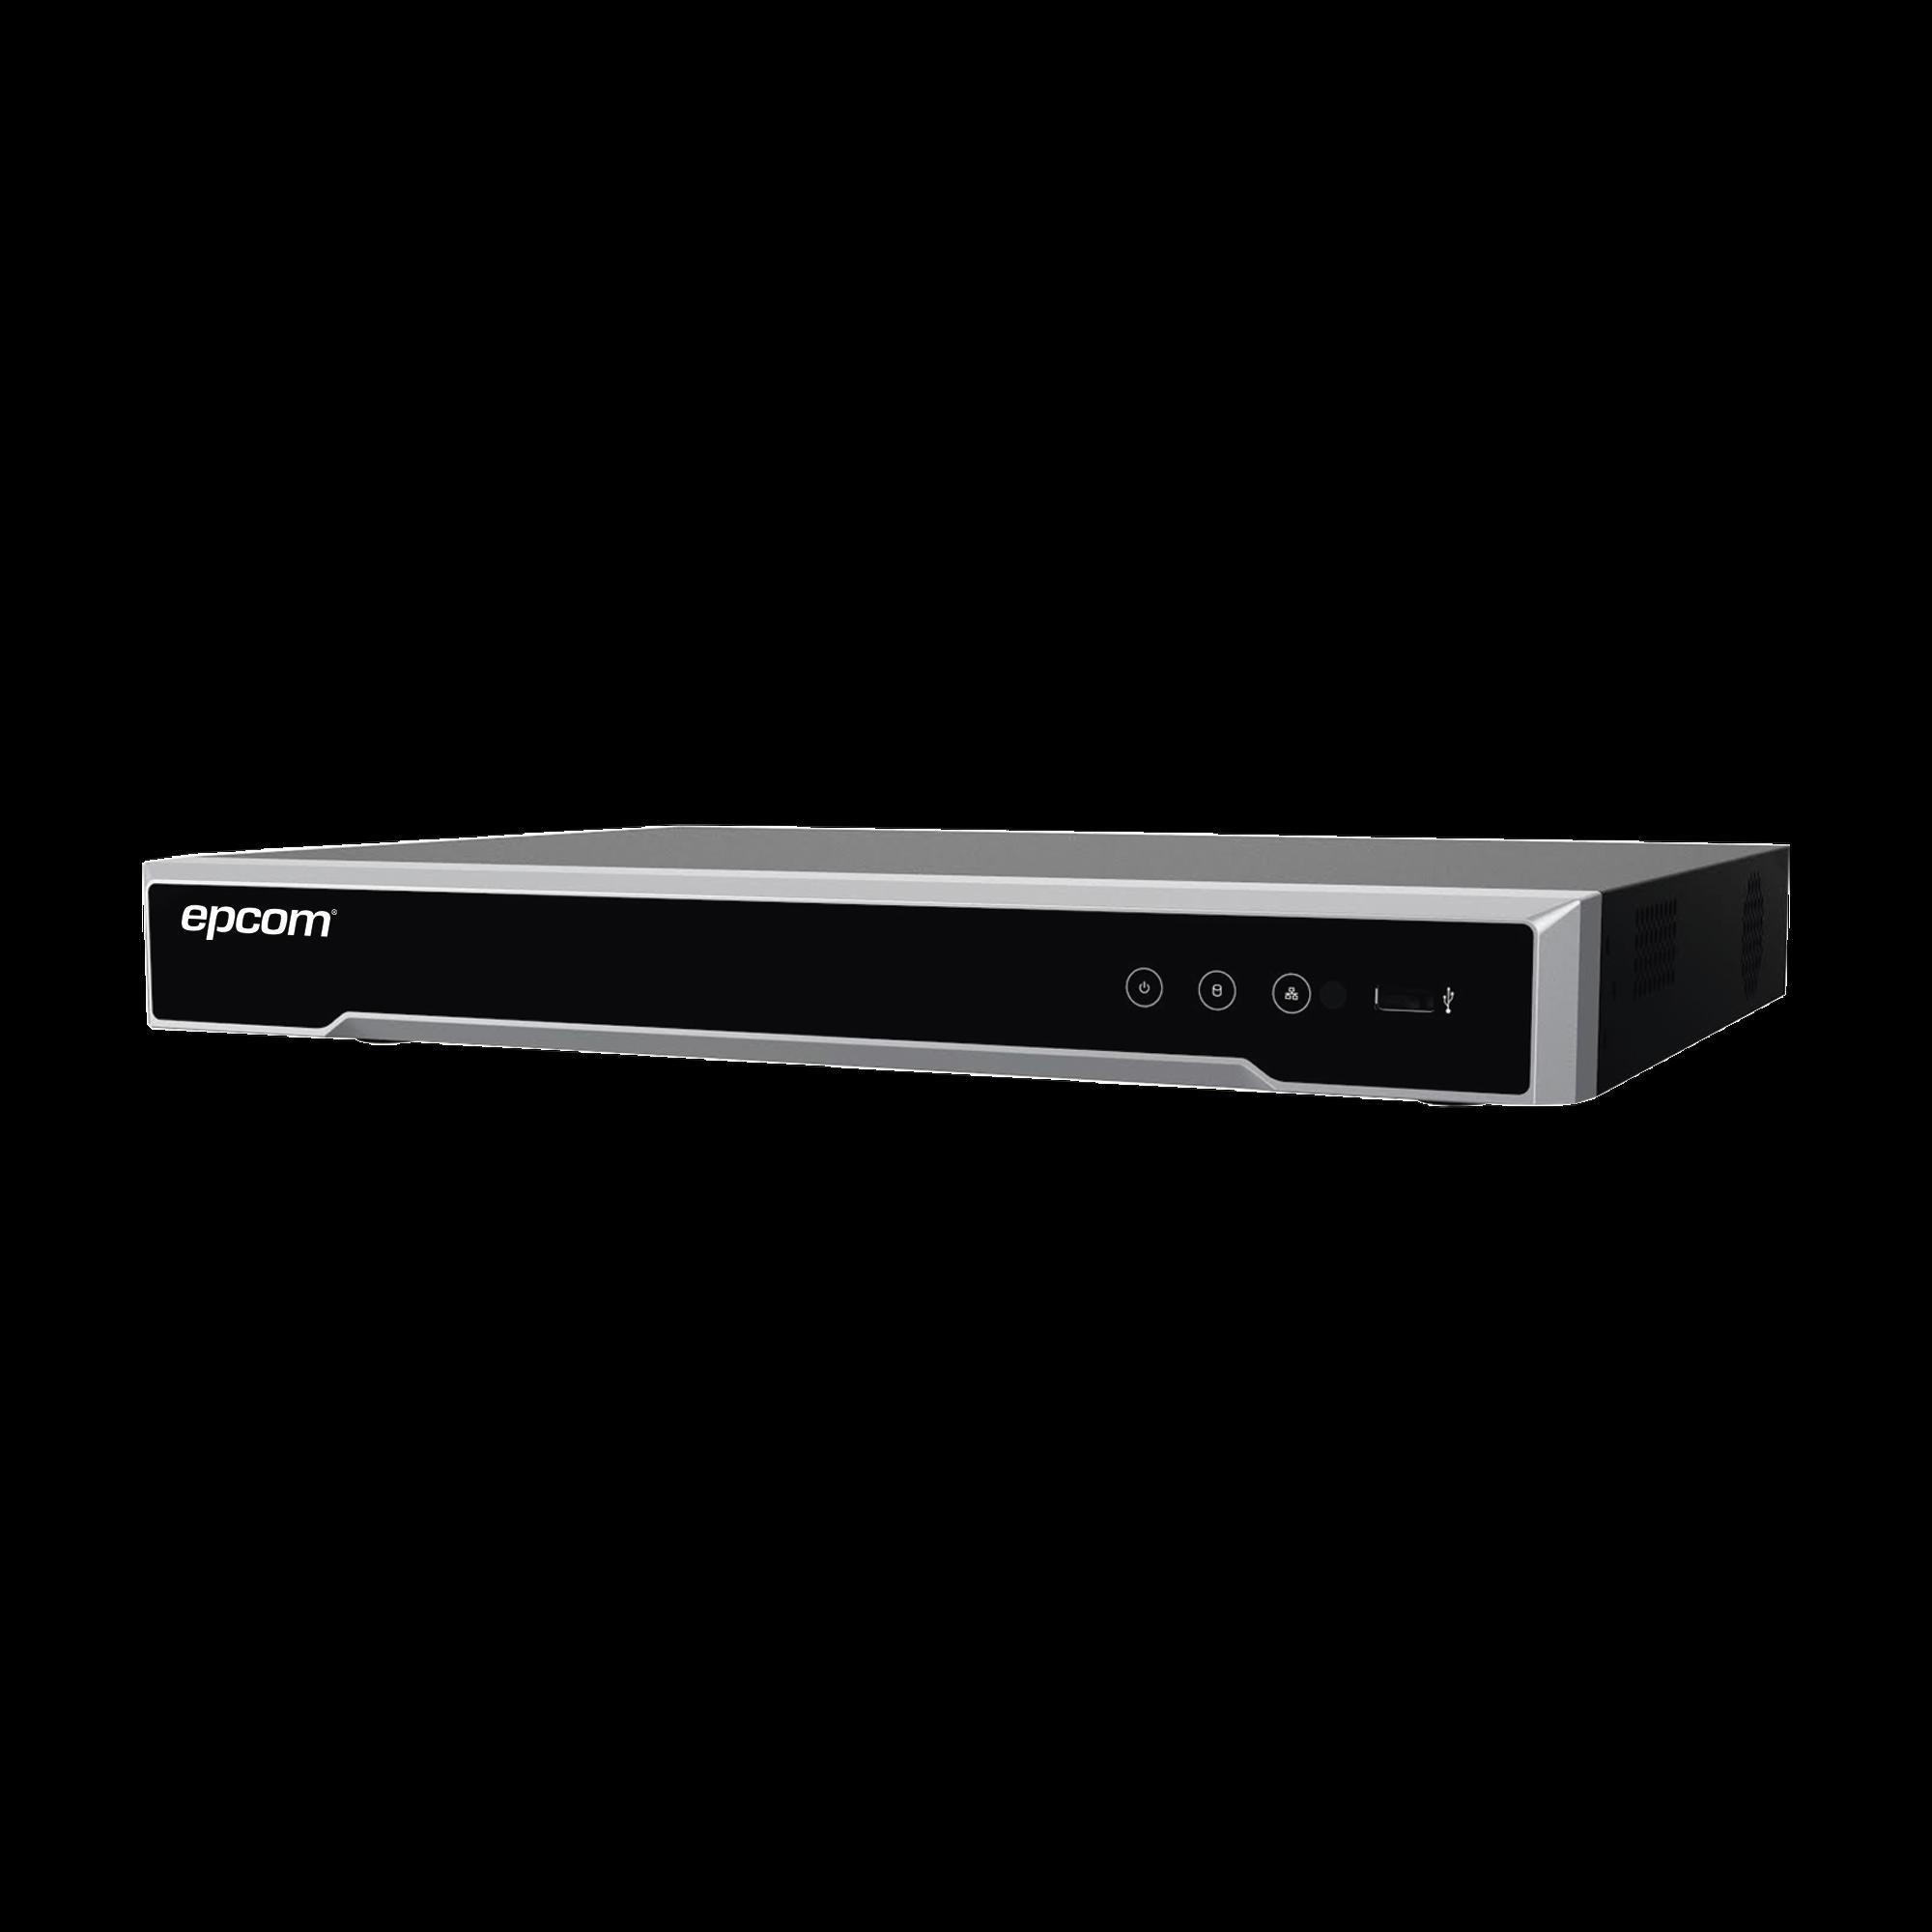 DVR 8 Megapixel / 8 Canales 4K TURBOHD + 8 Canales IP / 1 Bahía de Disco Duro / 4 Canales de Audio / Audio por coaxitron / 8 Entradas de alarma / Vídeoanálisis